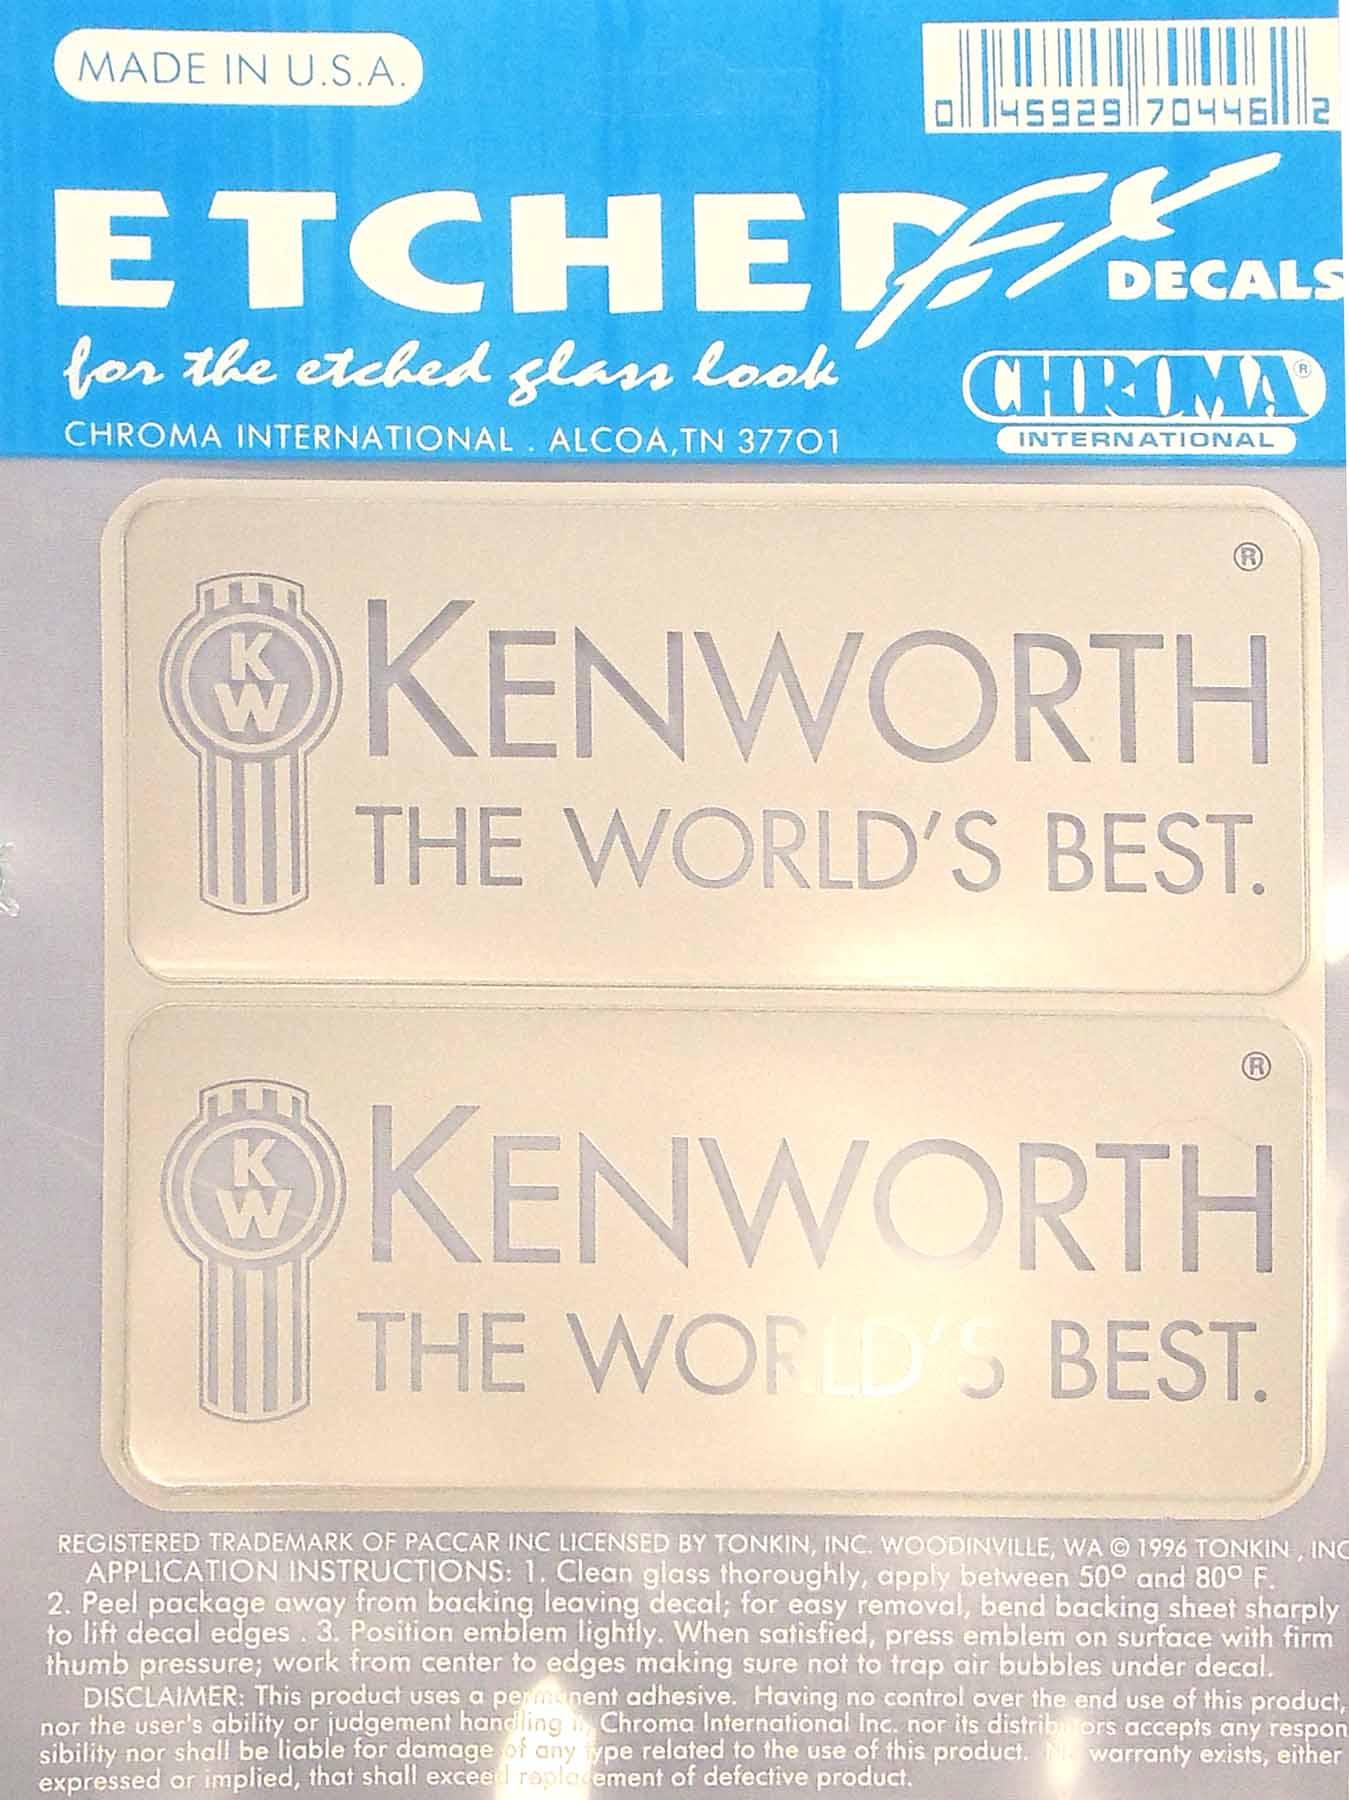 ETCHED FX KENWORTH